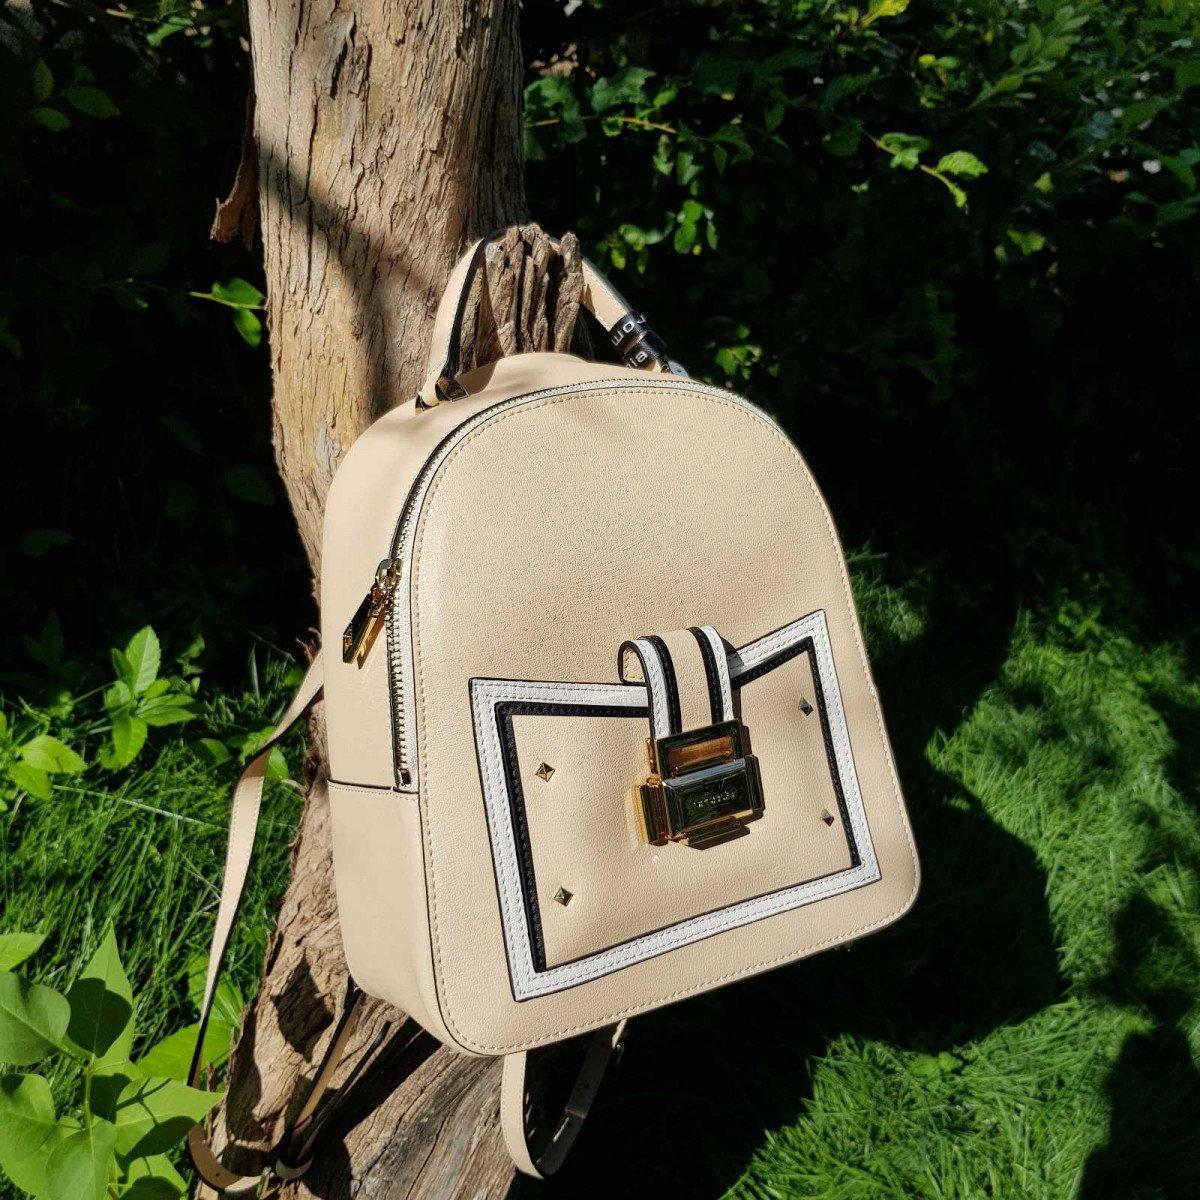 Женский кожаный рюкзак Cromia 1404543 NUDE из натуральной кожи